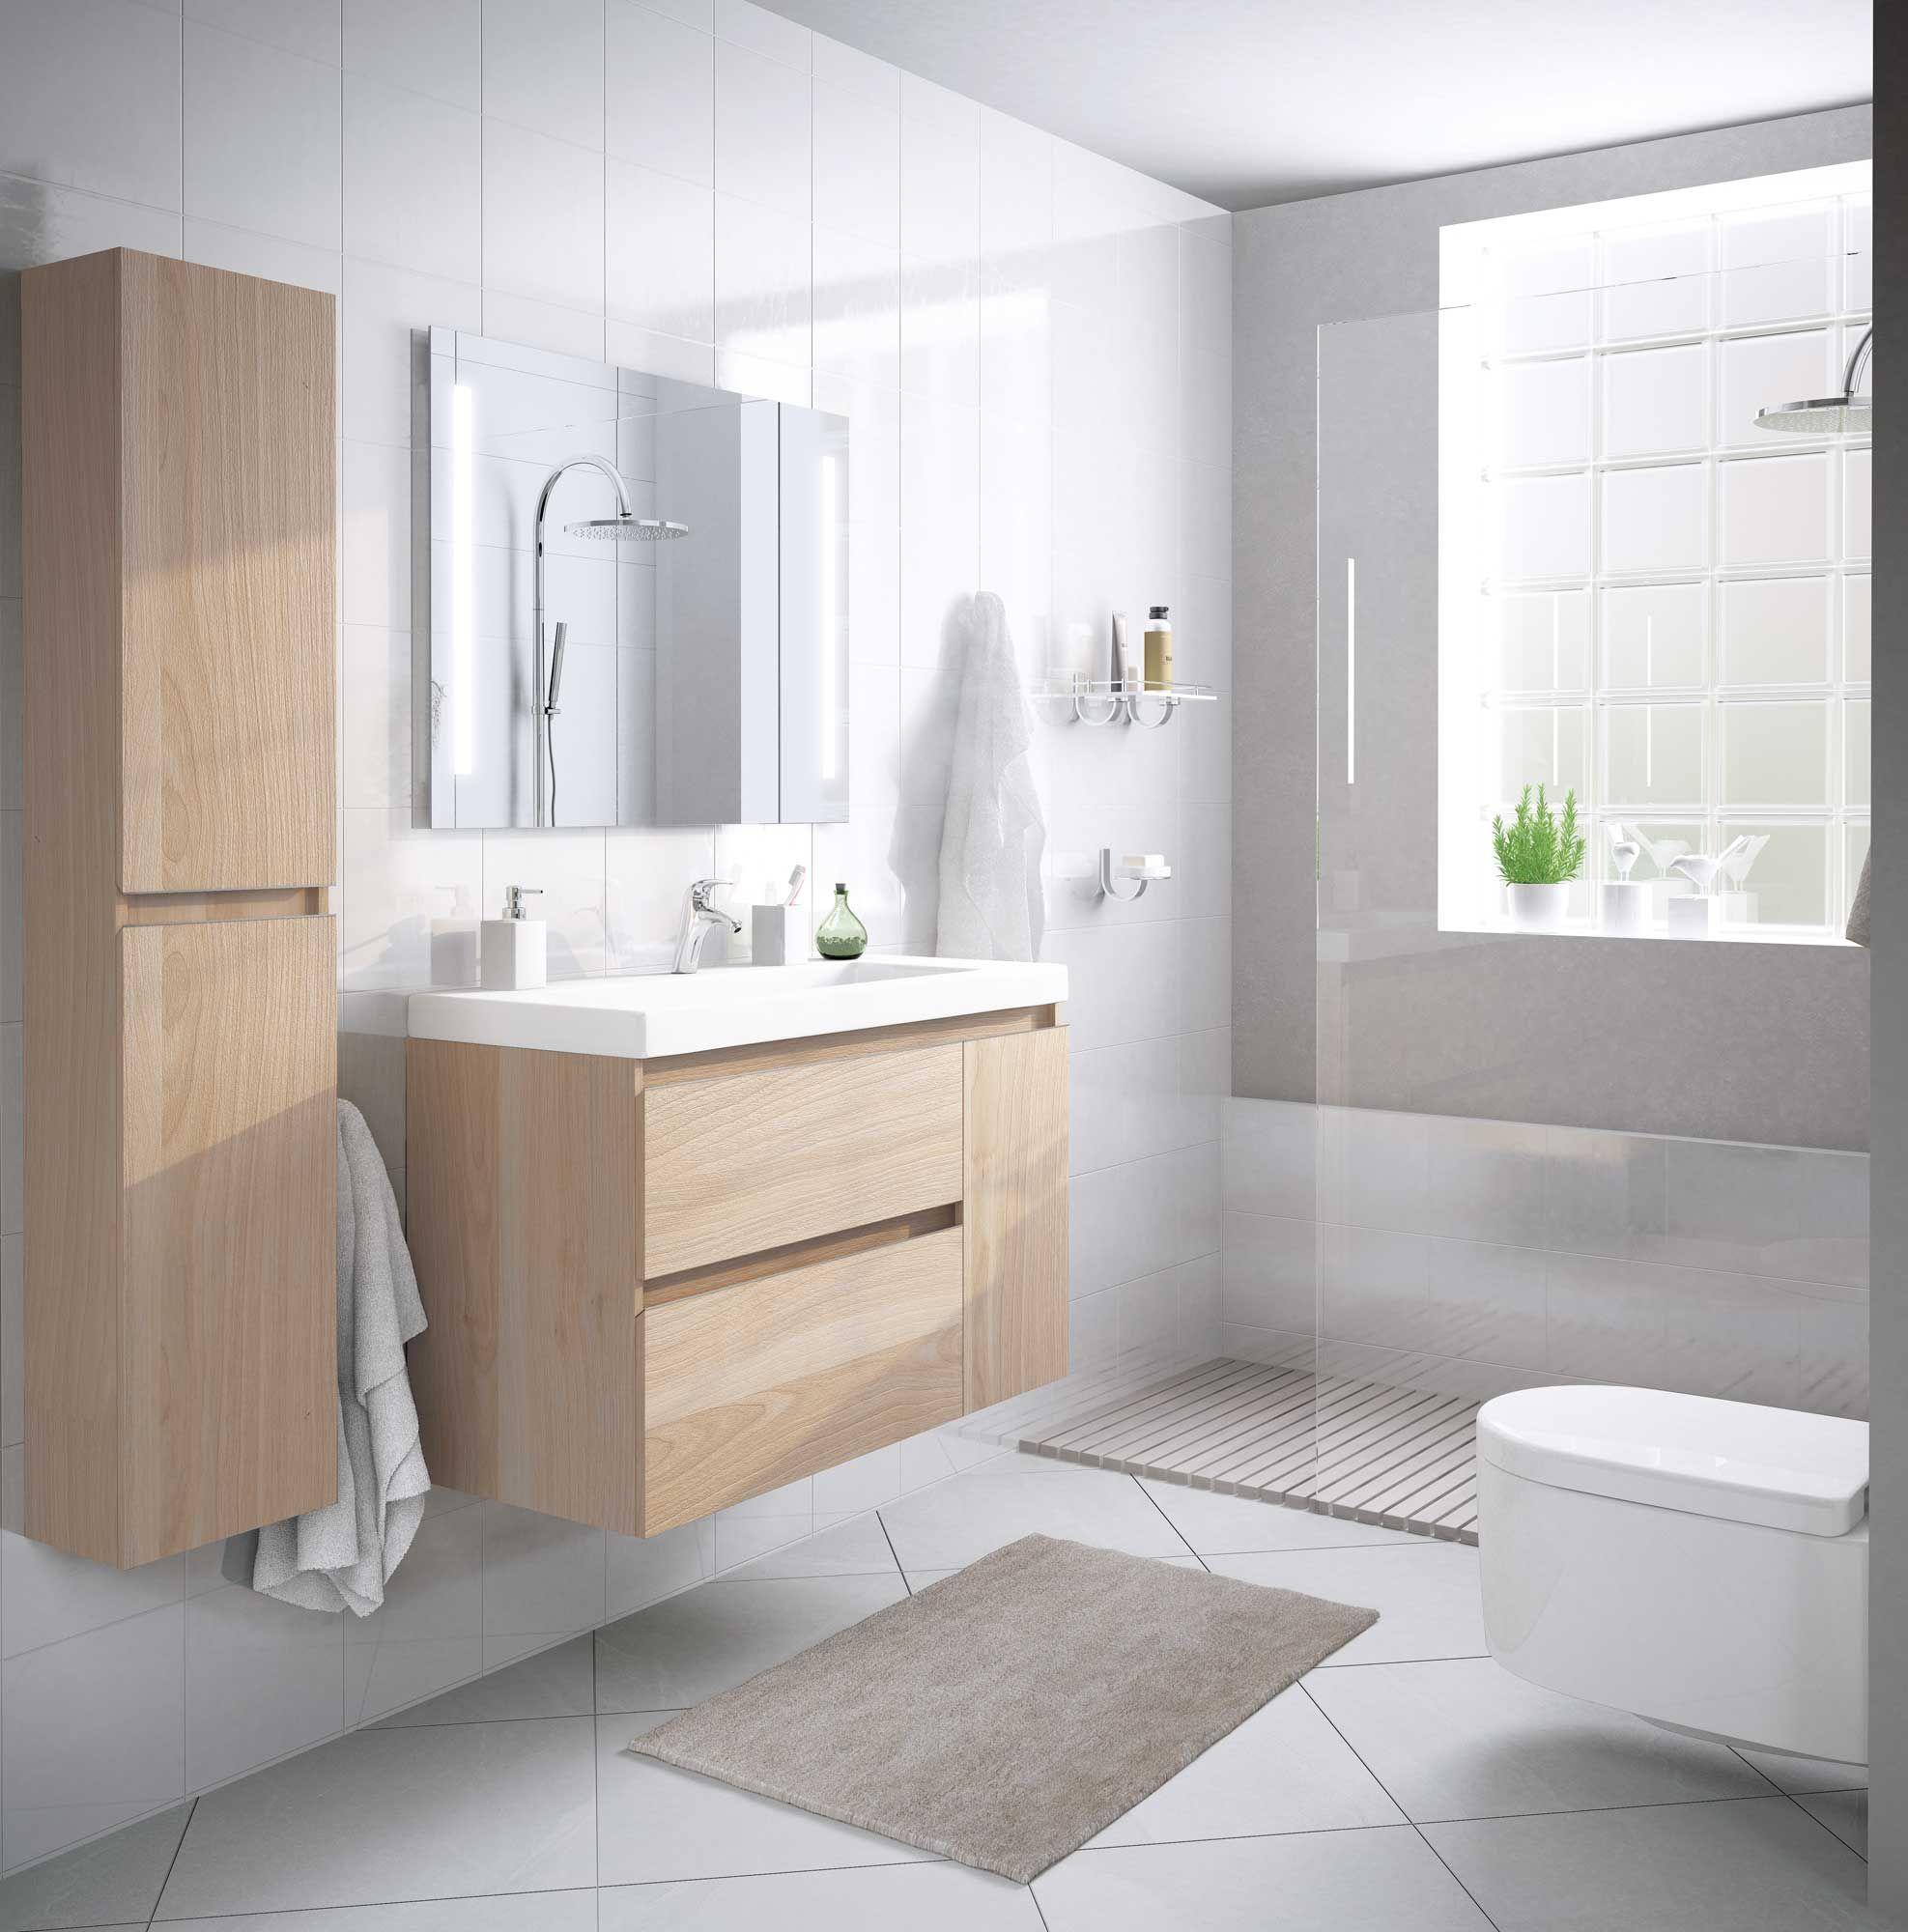 Conjunto de ba o moderno compacto suspendido con mueble for Banos modernos y economicos